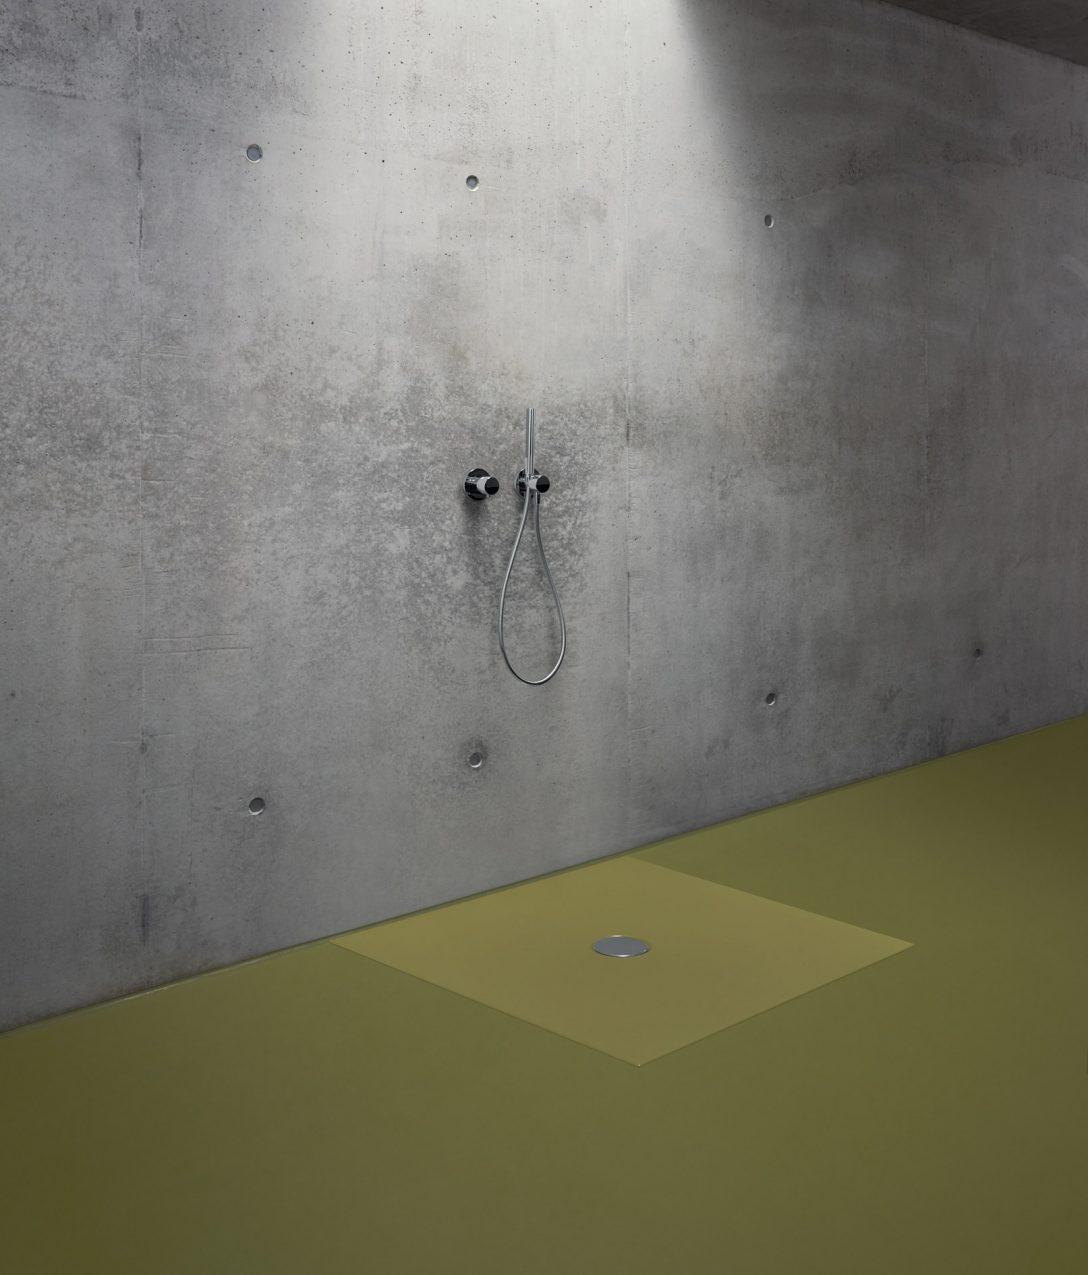 Large Size of Bette Floor Shower Tray Bettefloor Side Installation Video Duschwanne Reinigung Lamp Waste Abfluss Reinigen Brausetasse Douchebak Ablauf Colours Französische Bett Bette Floor